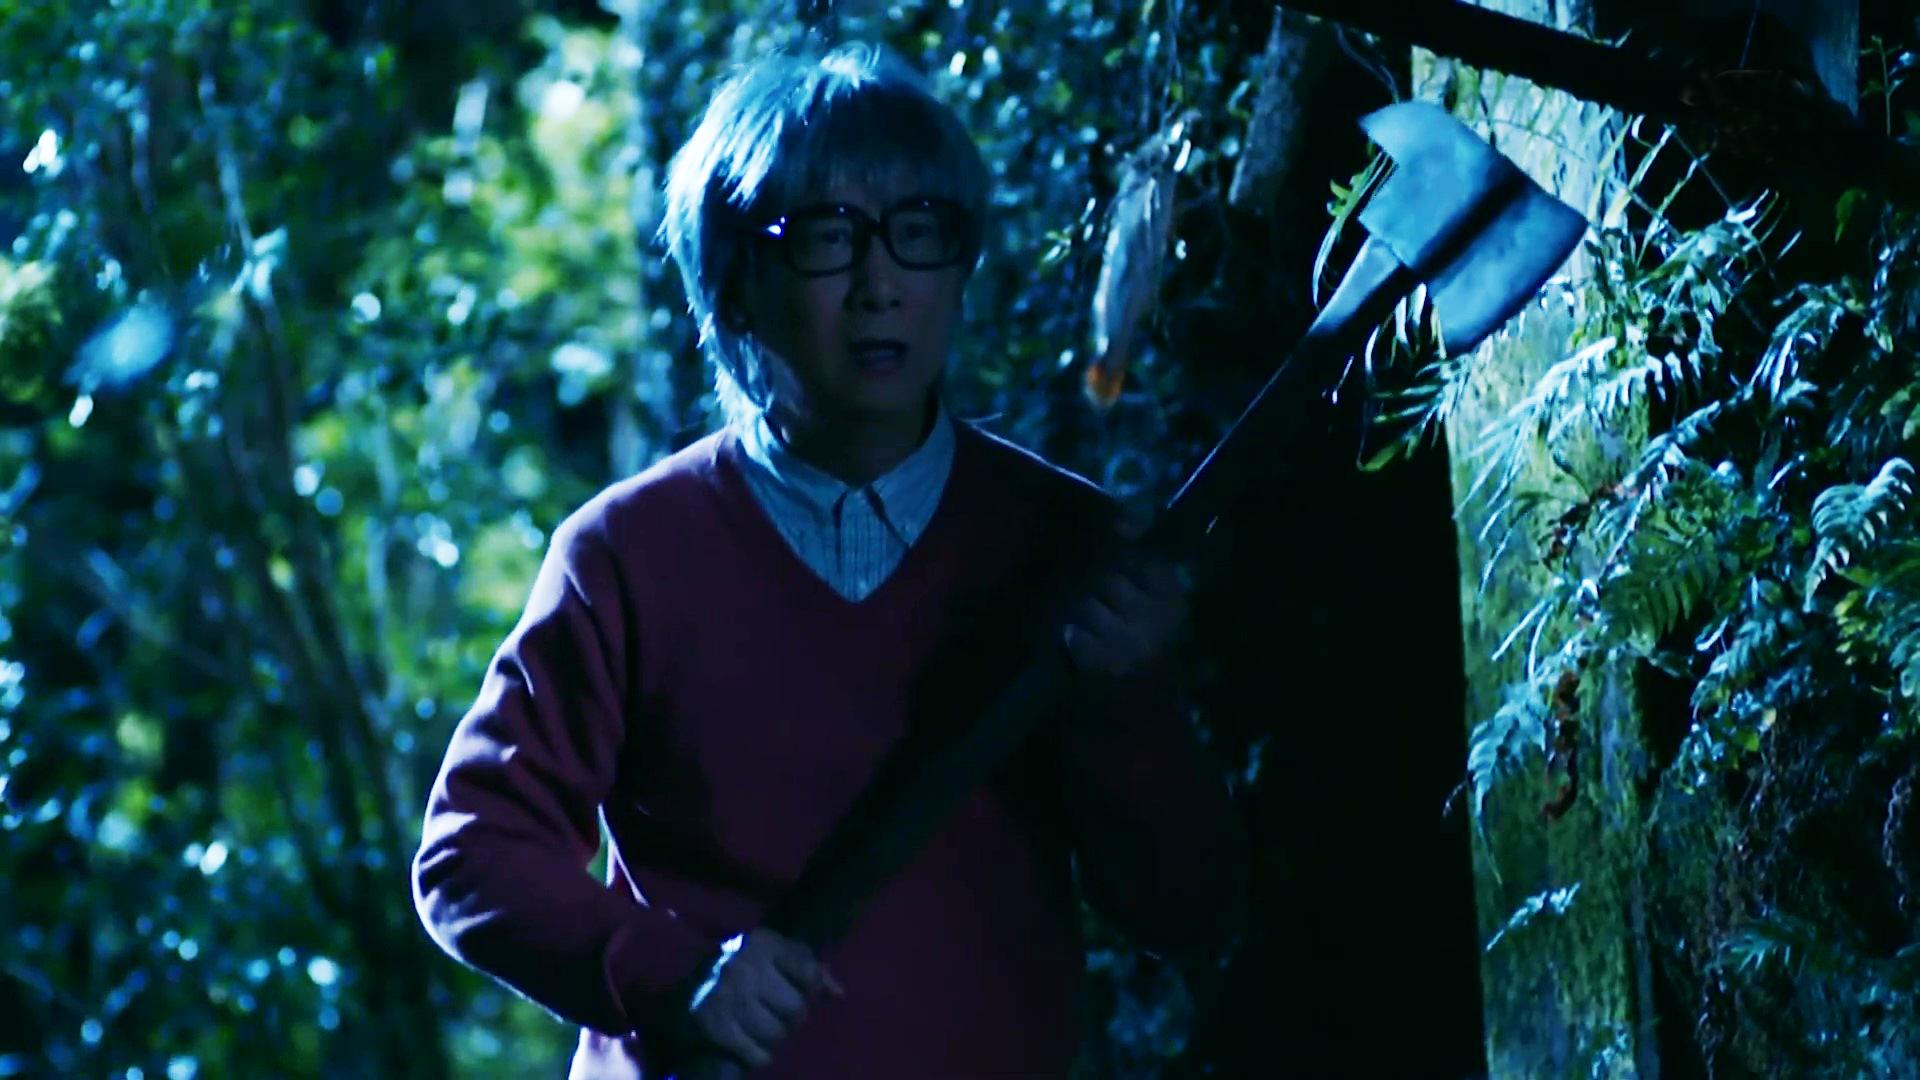 《降魔的2.0》第14集剧情预告:晶晶有危险,铁文被恶鬼罗刹附身